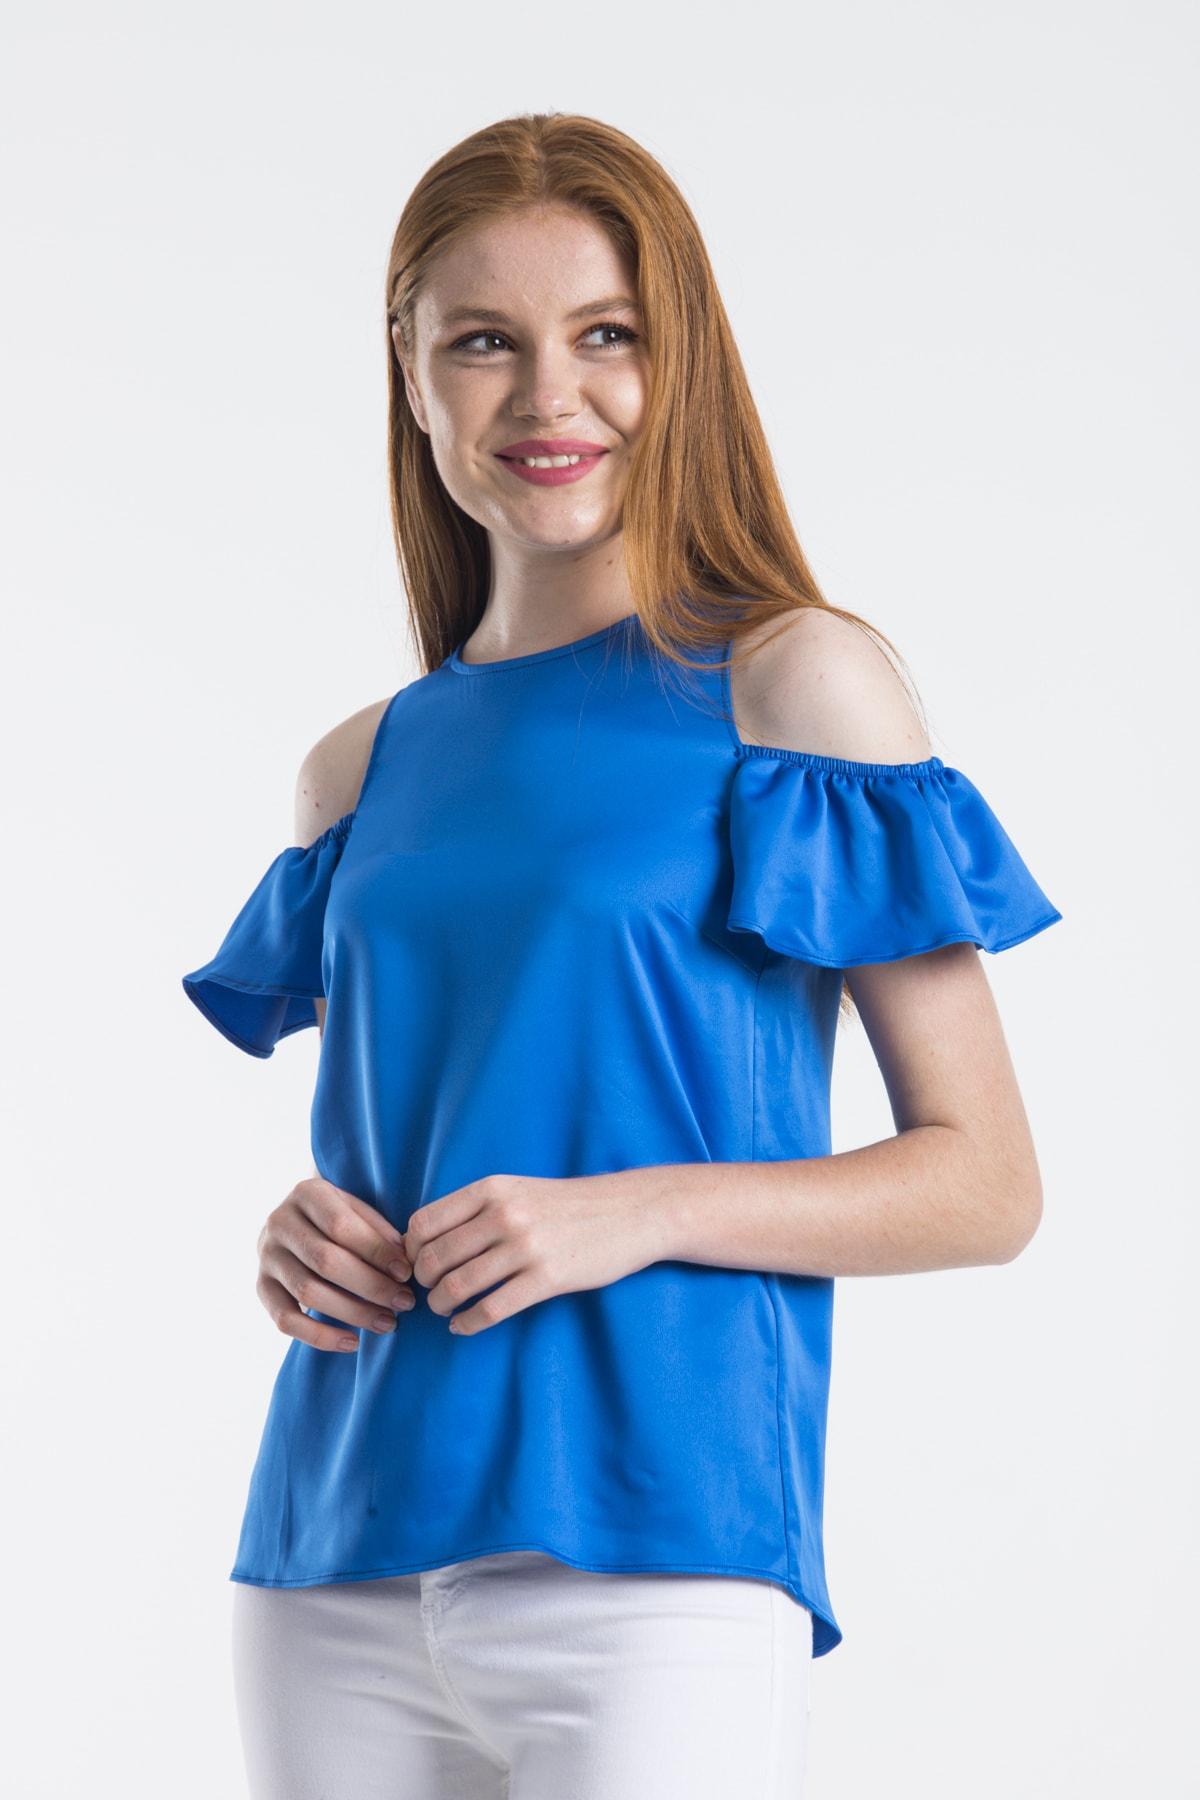 dm street style Kadın Mavi Ipek Saten Omuzu Açık Kolu Lastikli Bluz 1